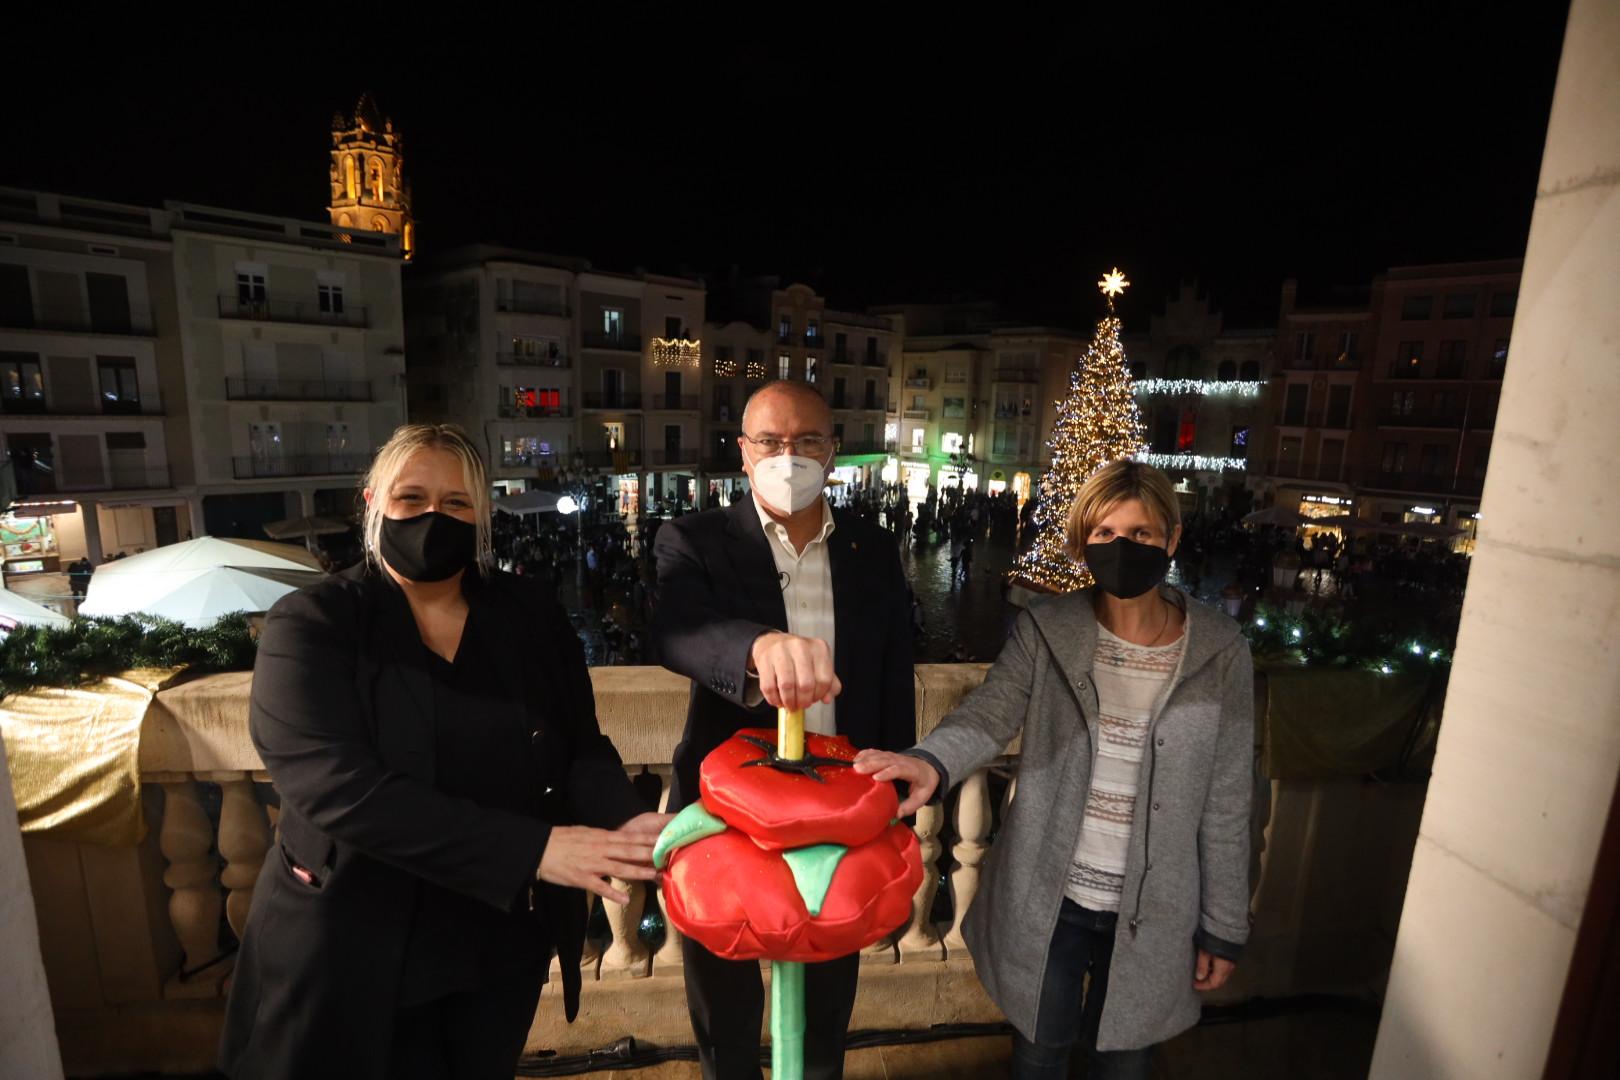 L'Alcalde de Reus, Carles Pellicer; la Vicealcaldessa, Noemí Llauradó, i la regidora de Promoció de Ciutat, Montserrat Caelles, han apre...